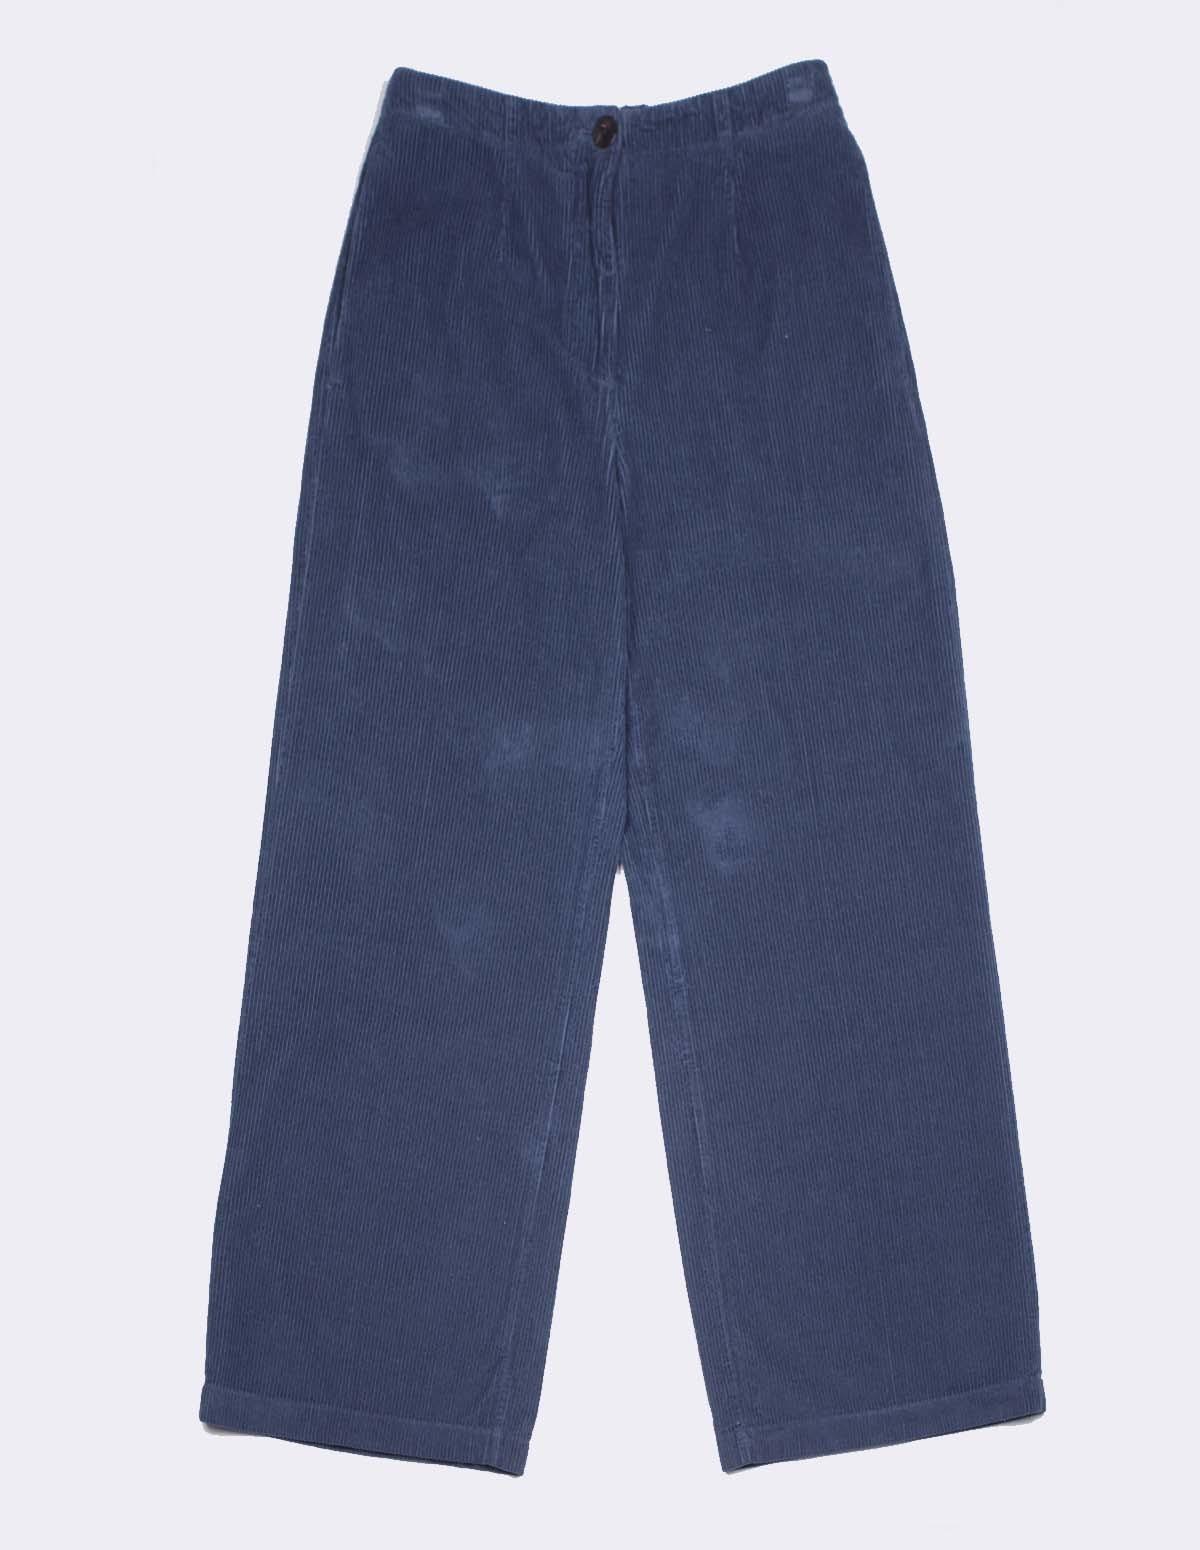 Pom 7128f/10516 Pants - 89 PETROLE